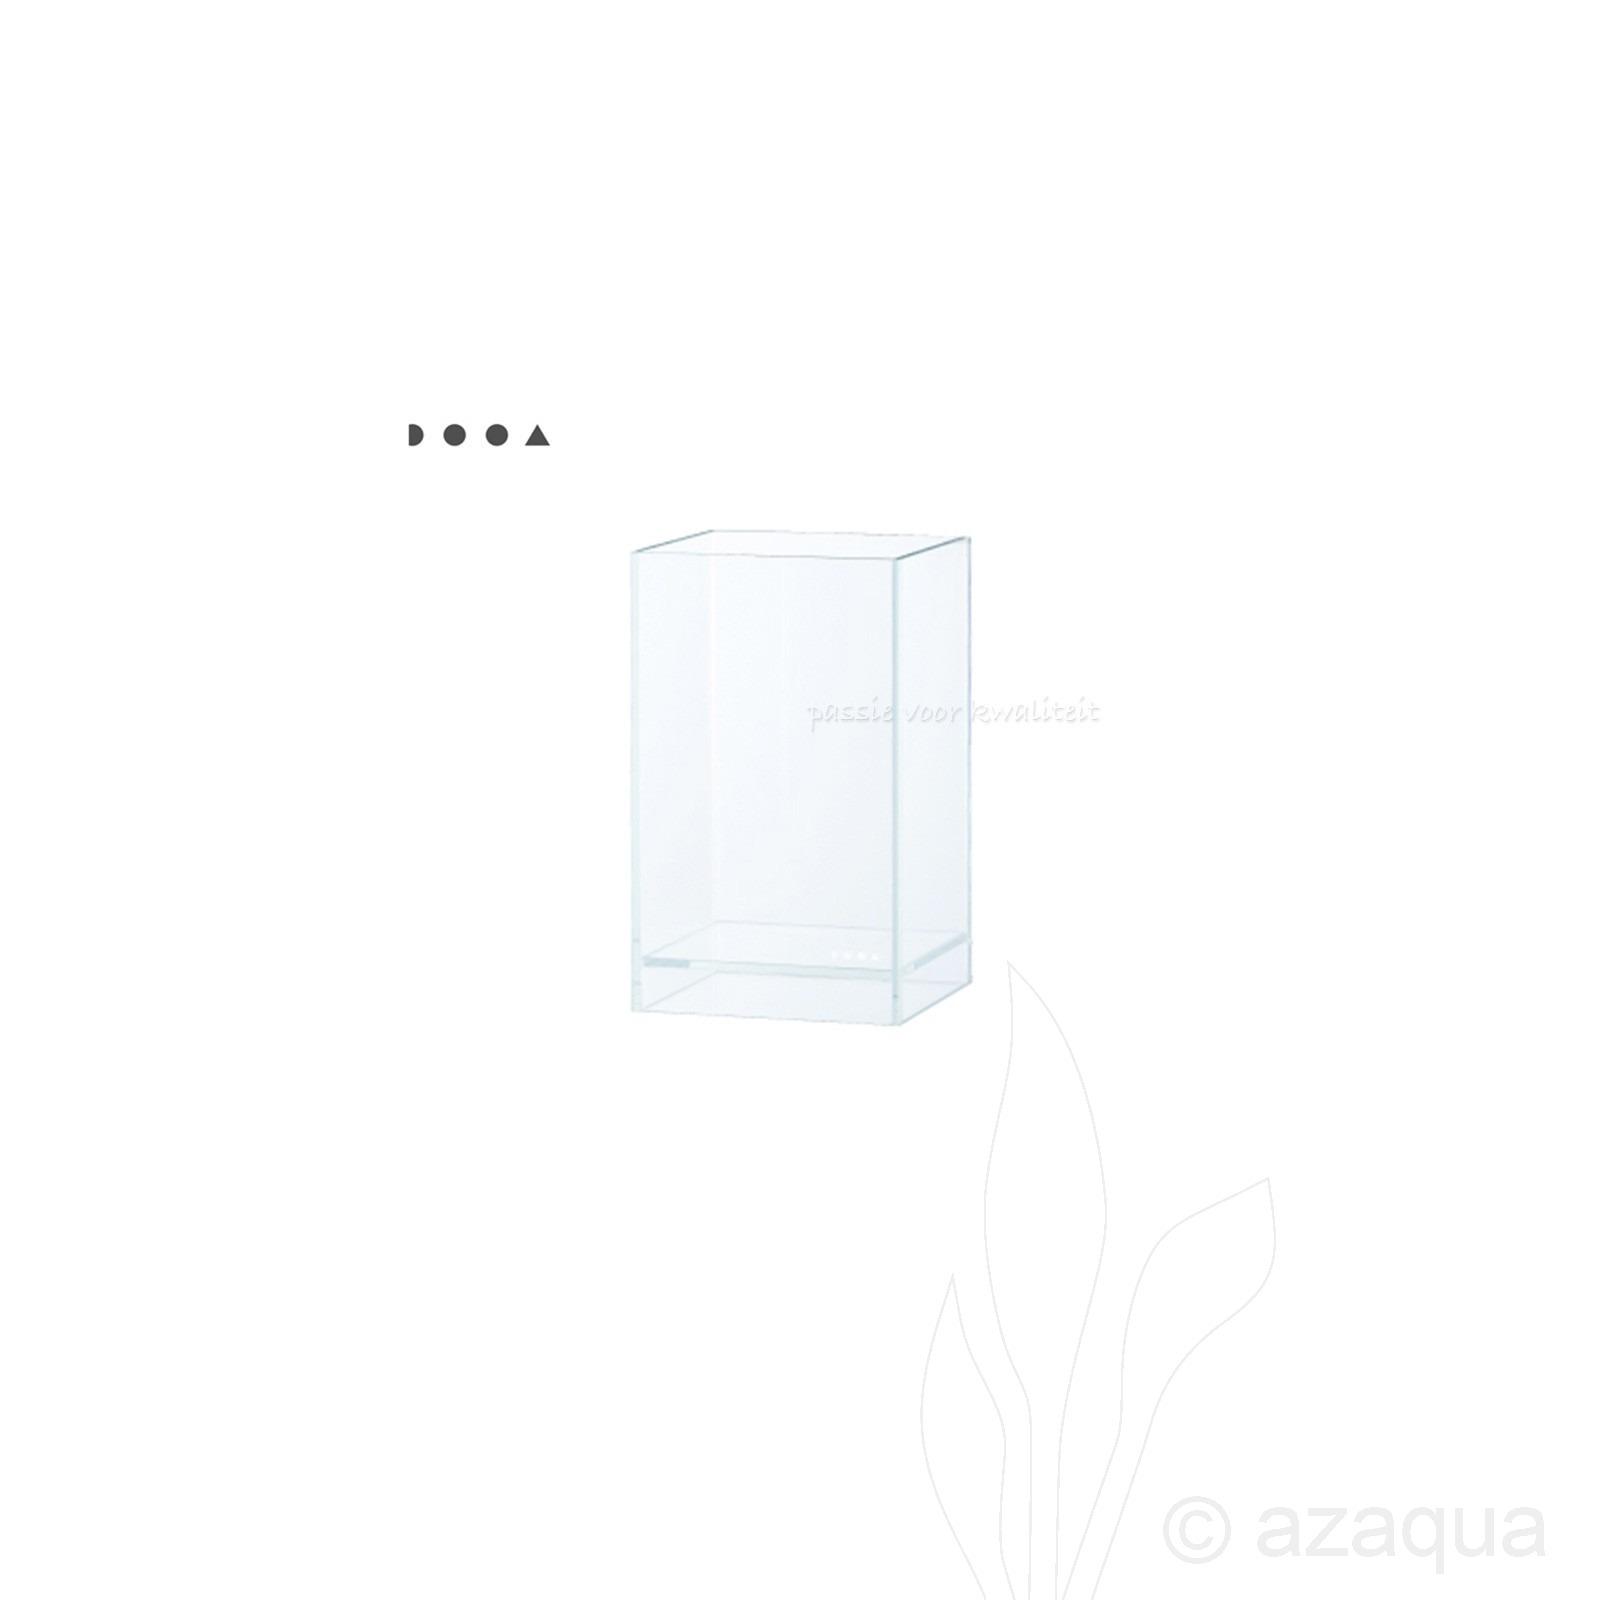 DOOA Neo Glass AIR W15×D15×H25 (cm)